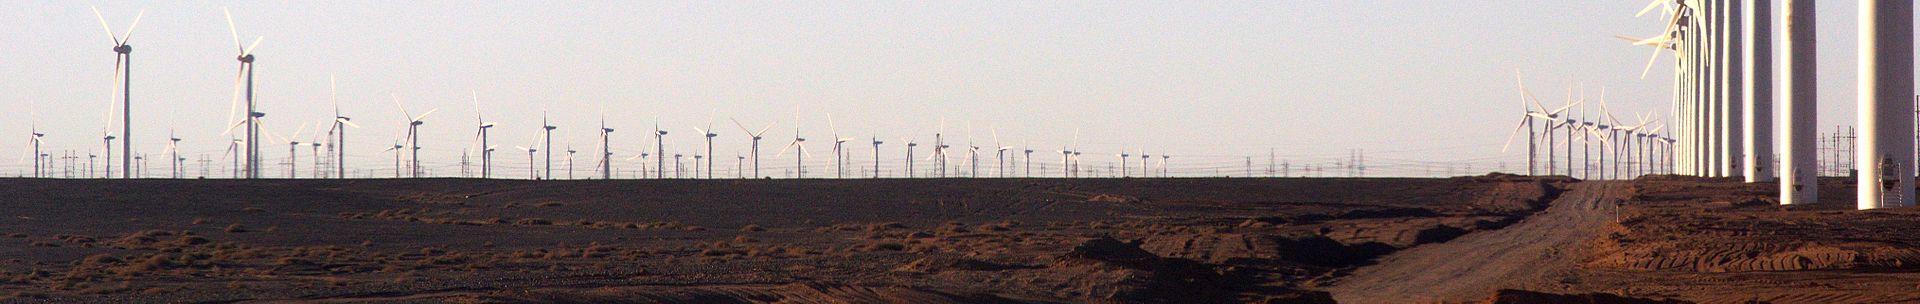 ganzhuou_wind_farm.jpg